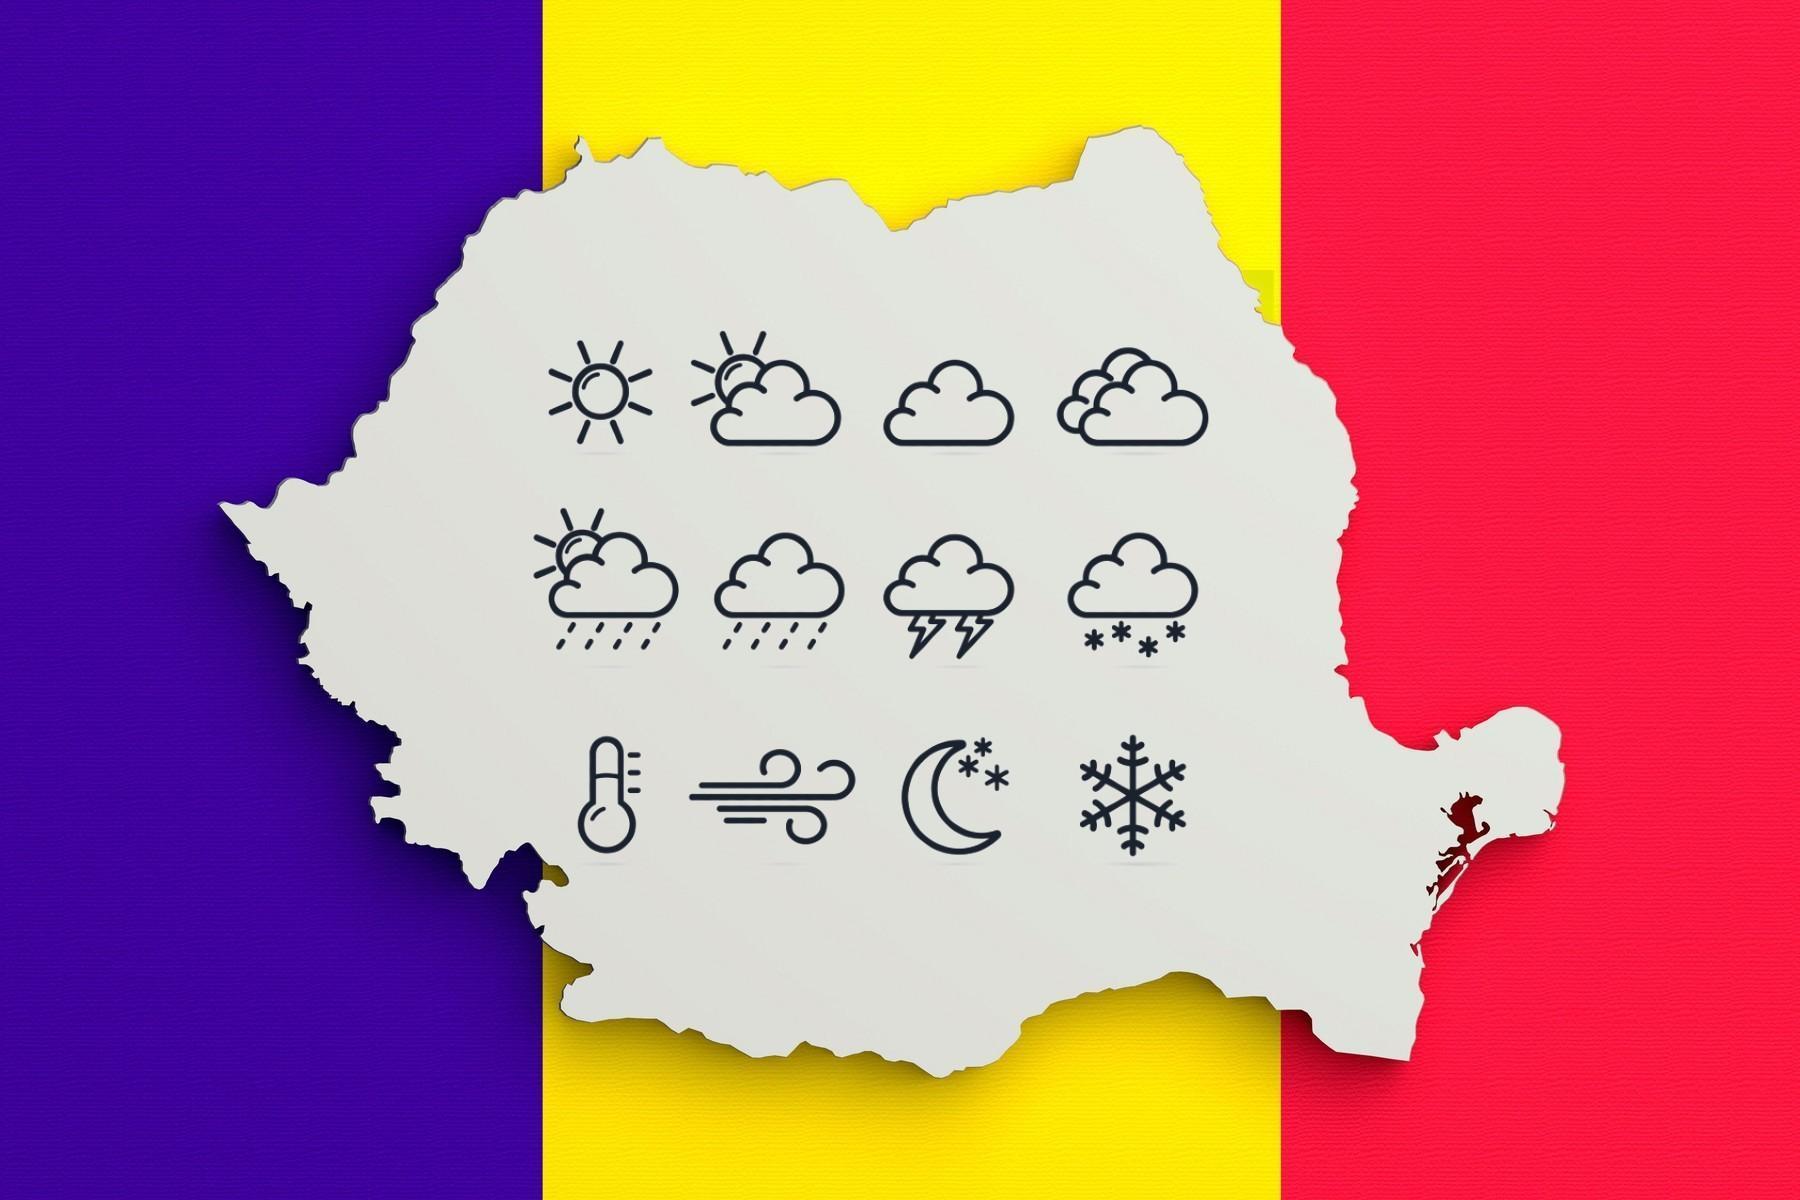 Prognoza Meteo, 9 iunie 2021. Cum va fi vremea în România și care sunt previziunile ANM pentru astăzi